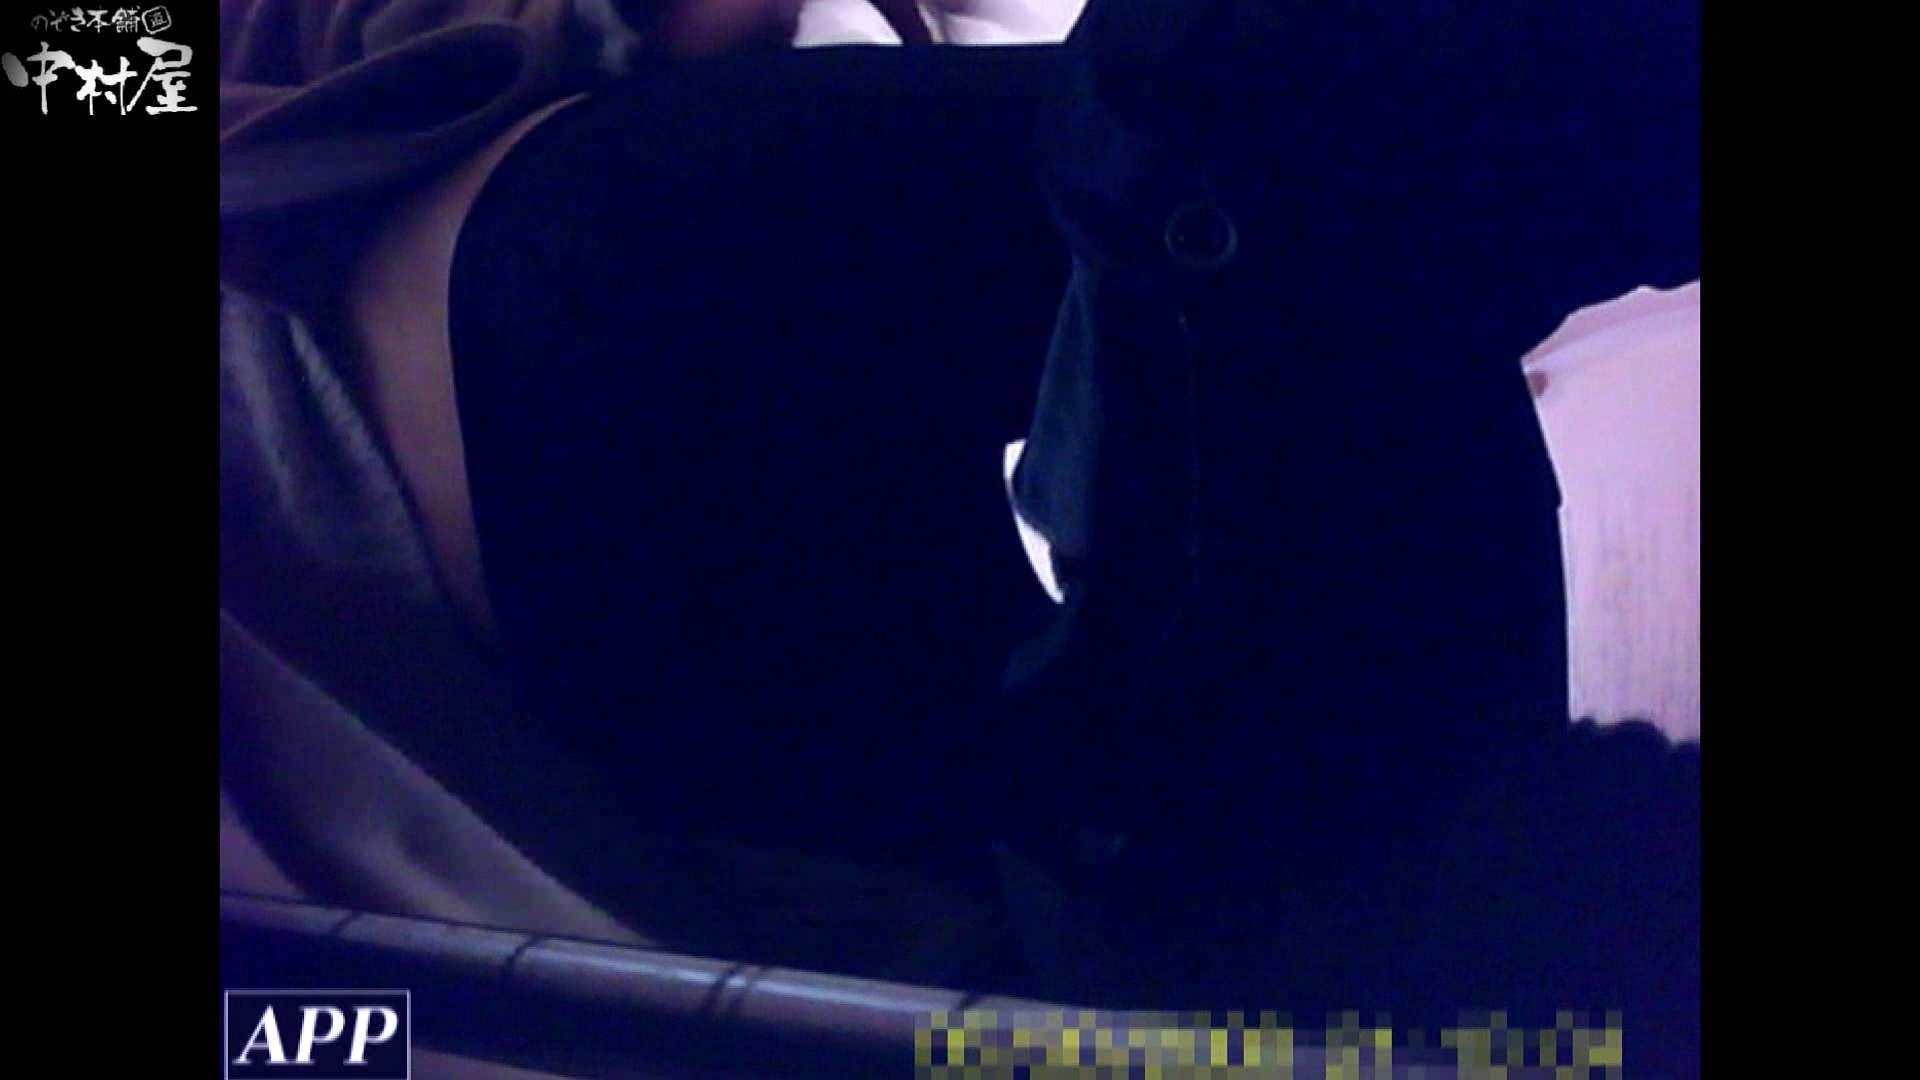 三つ目で盗撮 vol.38 美しいOLの裸体 オメコ無修正動画無料 106pic 97